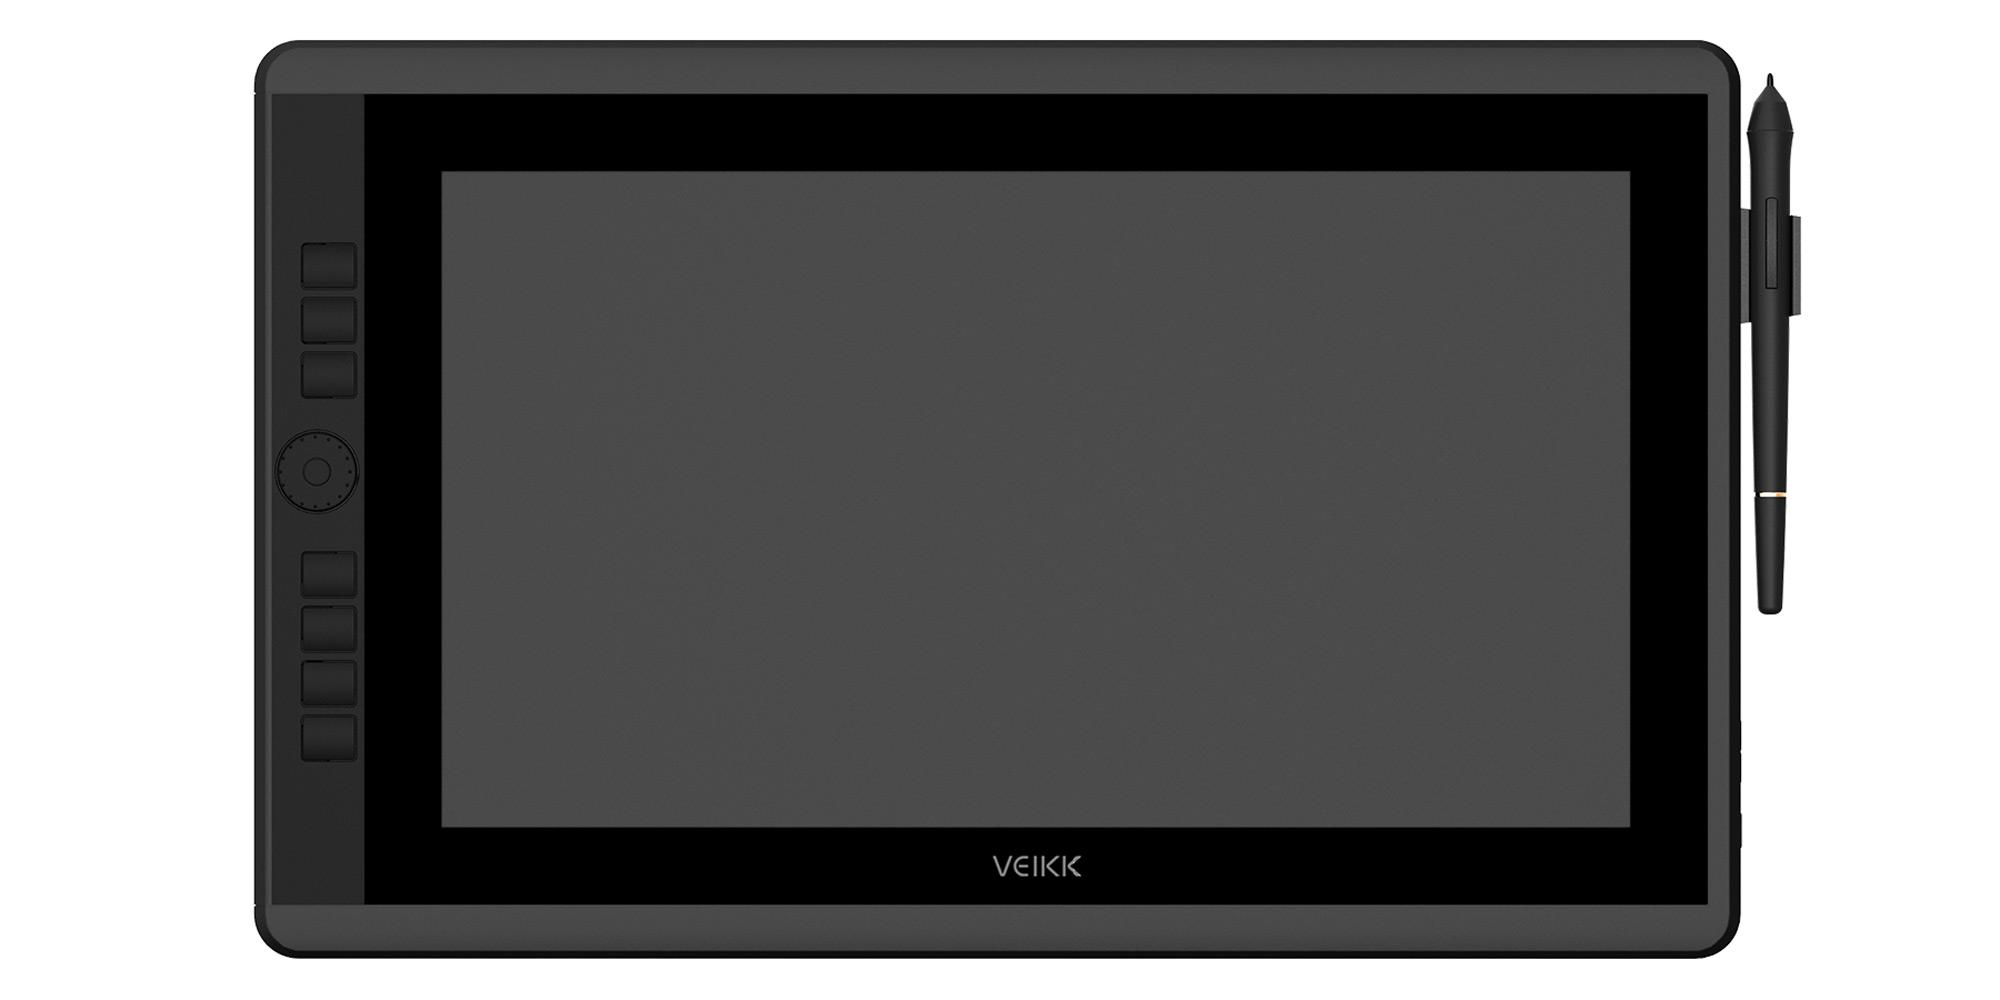 Zdjęcie - tablet graficzny z ekranem LCD Veikk VK1560 Pro oraz piórko na białym tle